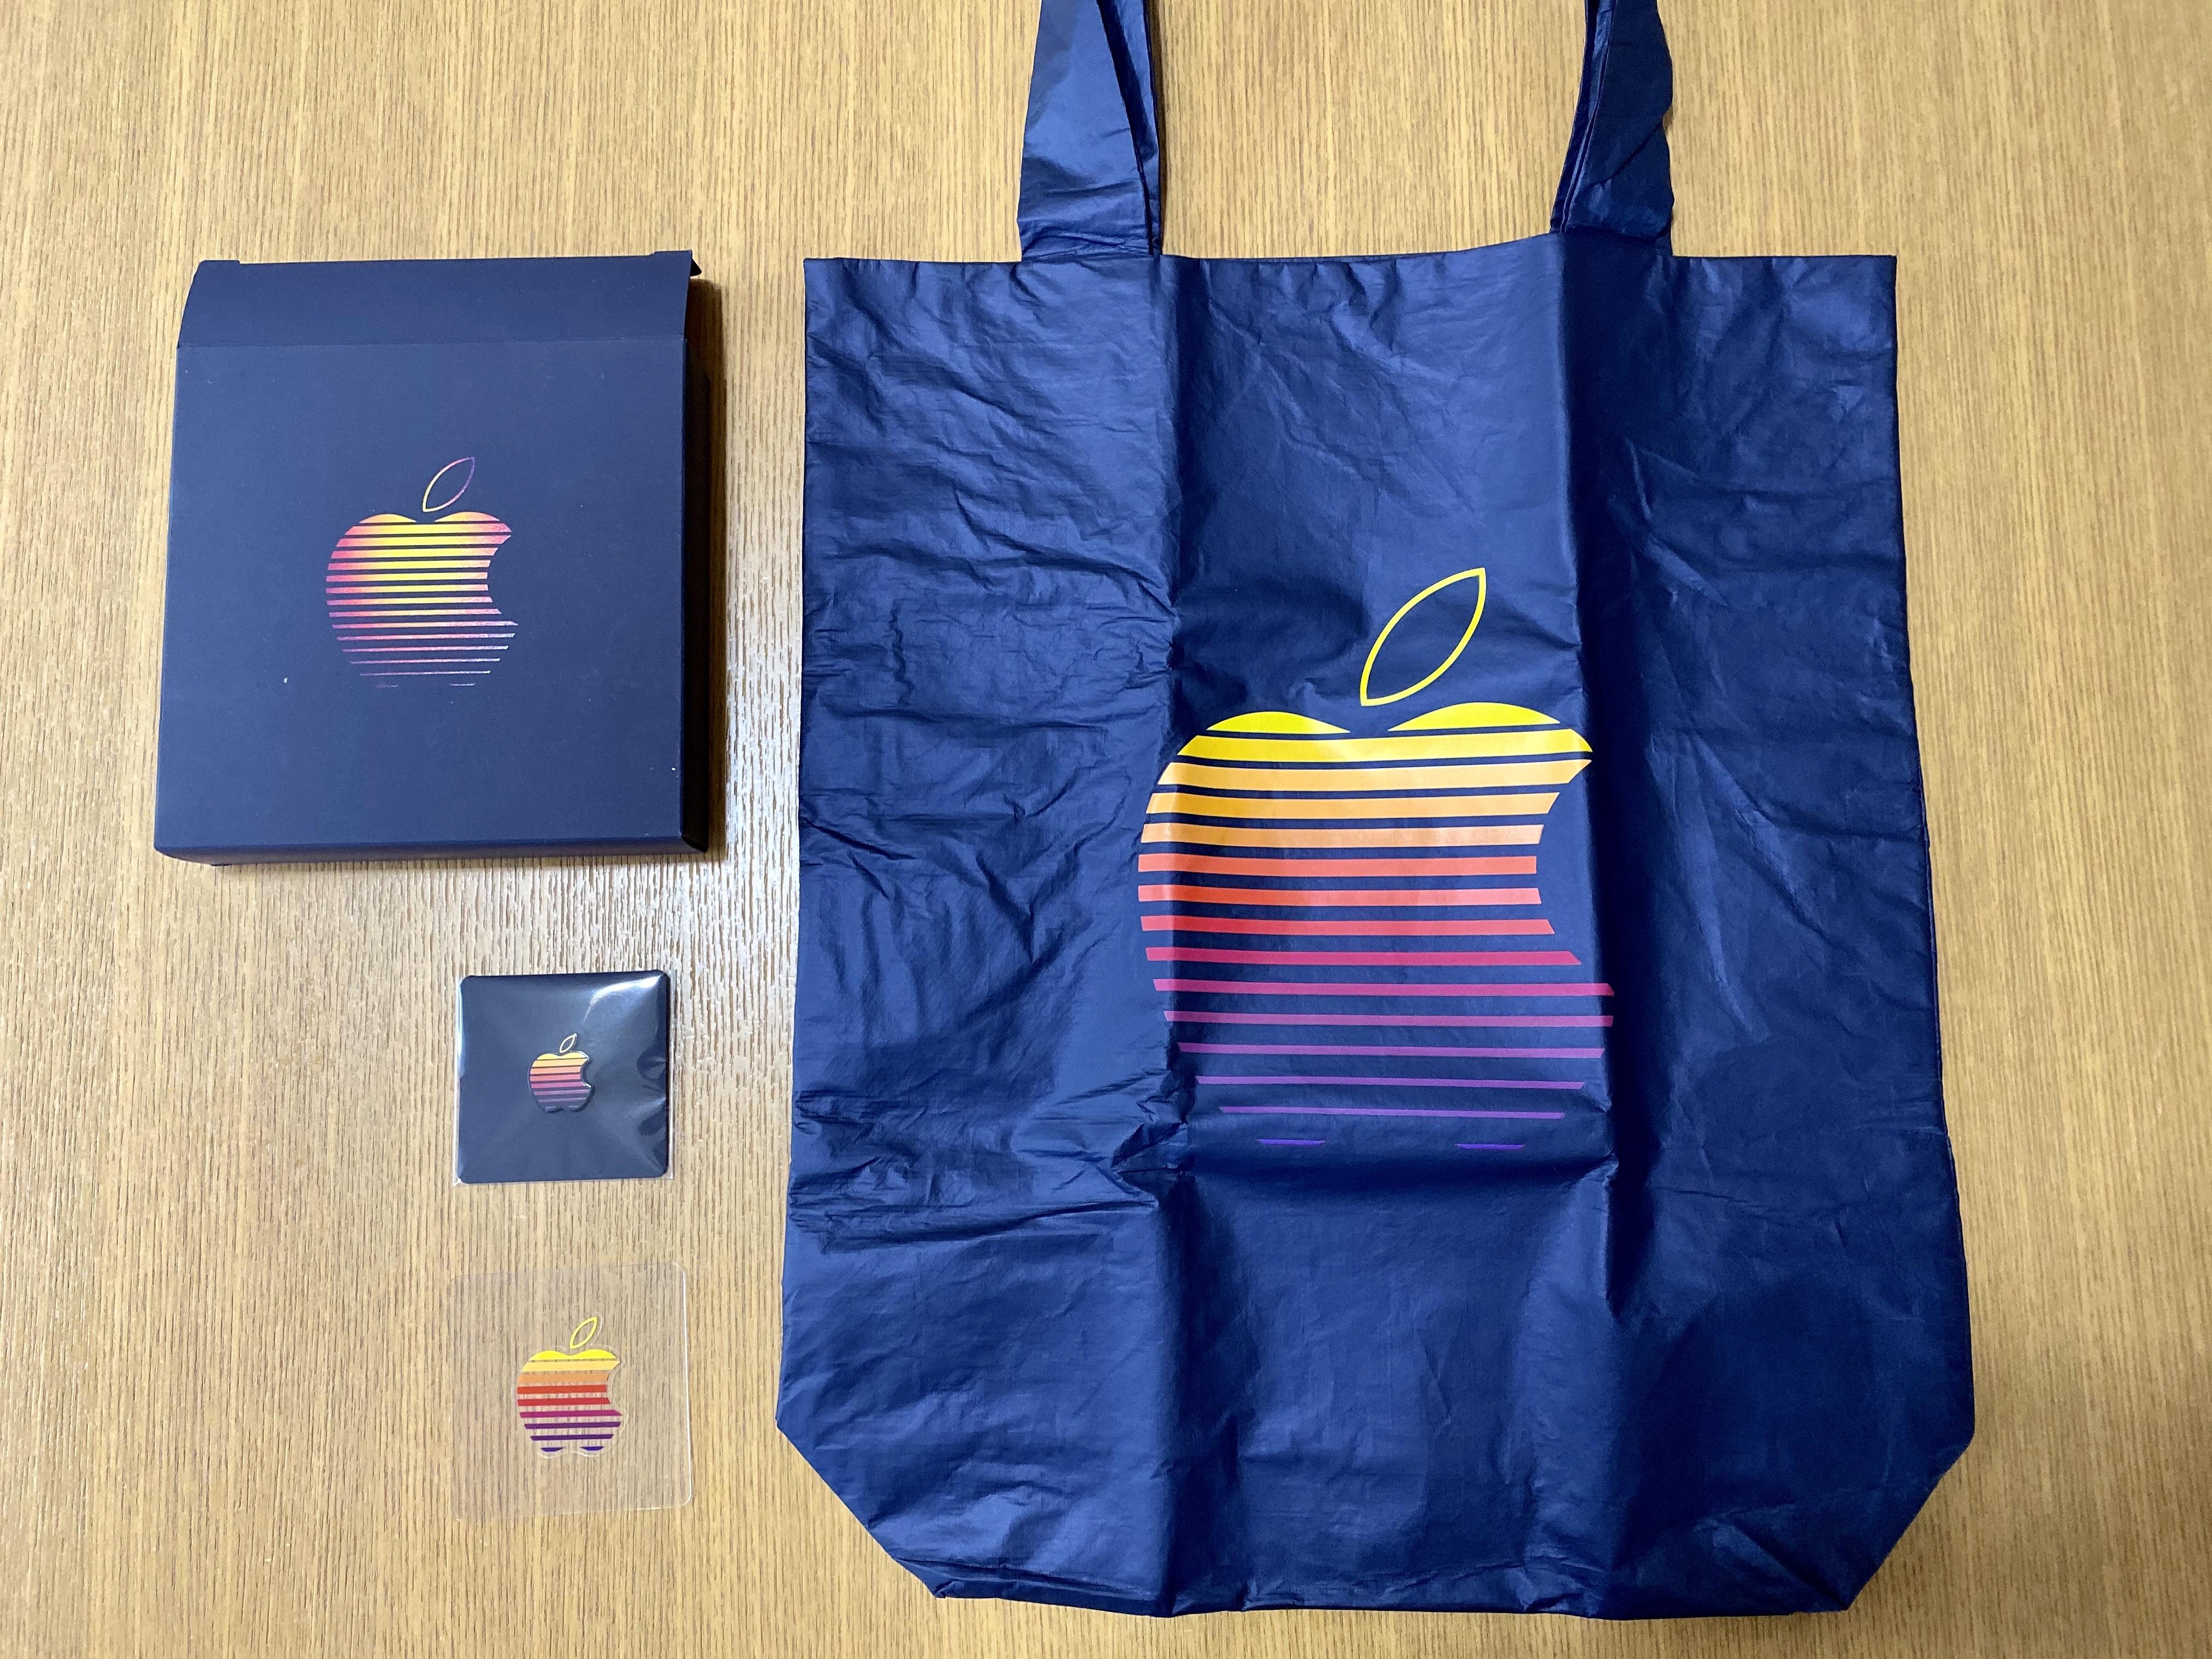 Apple福岡天神移転リニューアル記念のノベルティ